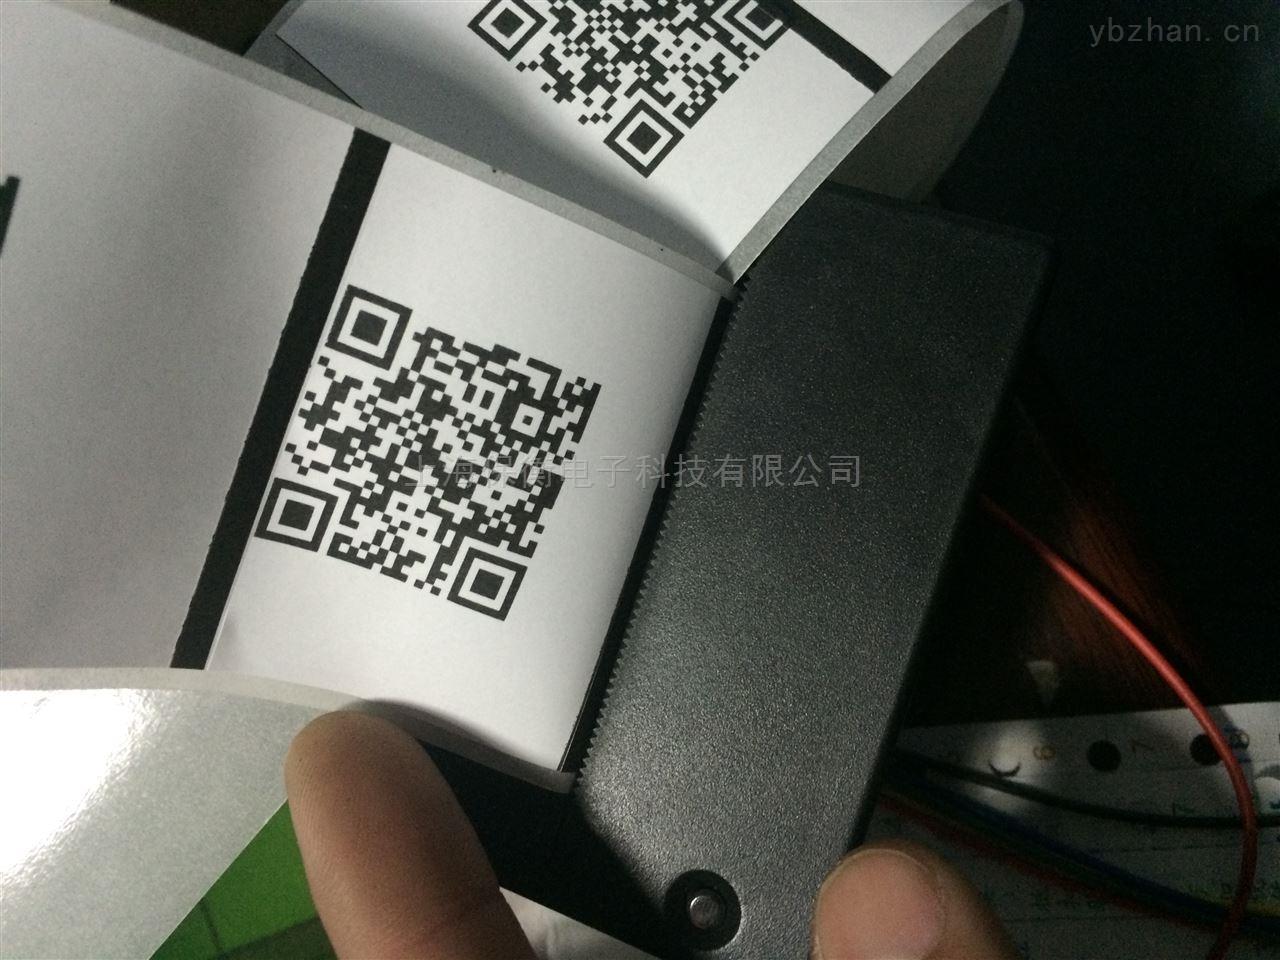 保衡ACS-15公斤电子秤二维码收银系统,30kg连接电脑打印条码秤 ,触屏打印条码秤